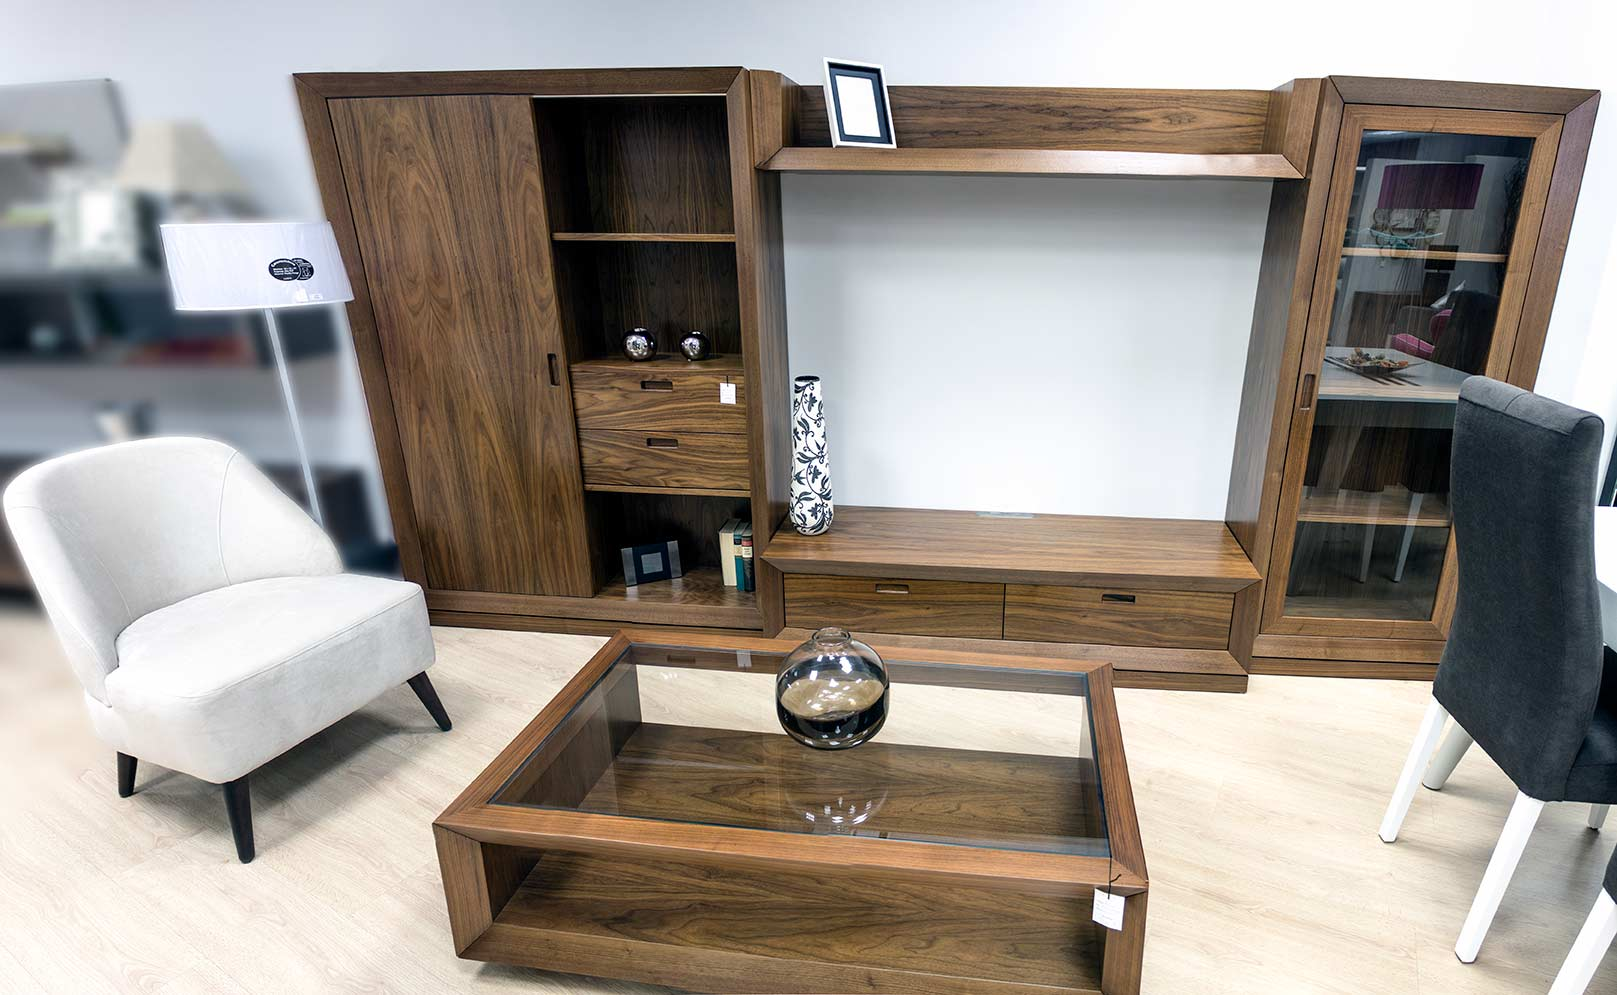 Limpieza de muebles de madera natural consejos alcon for Limpieza de muebles